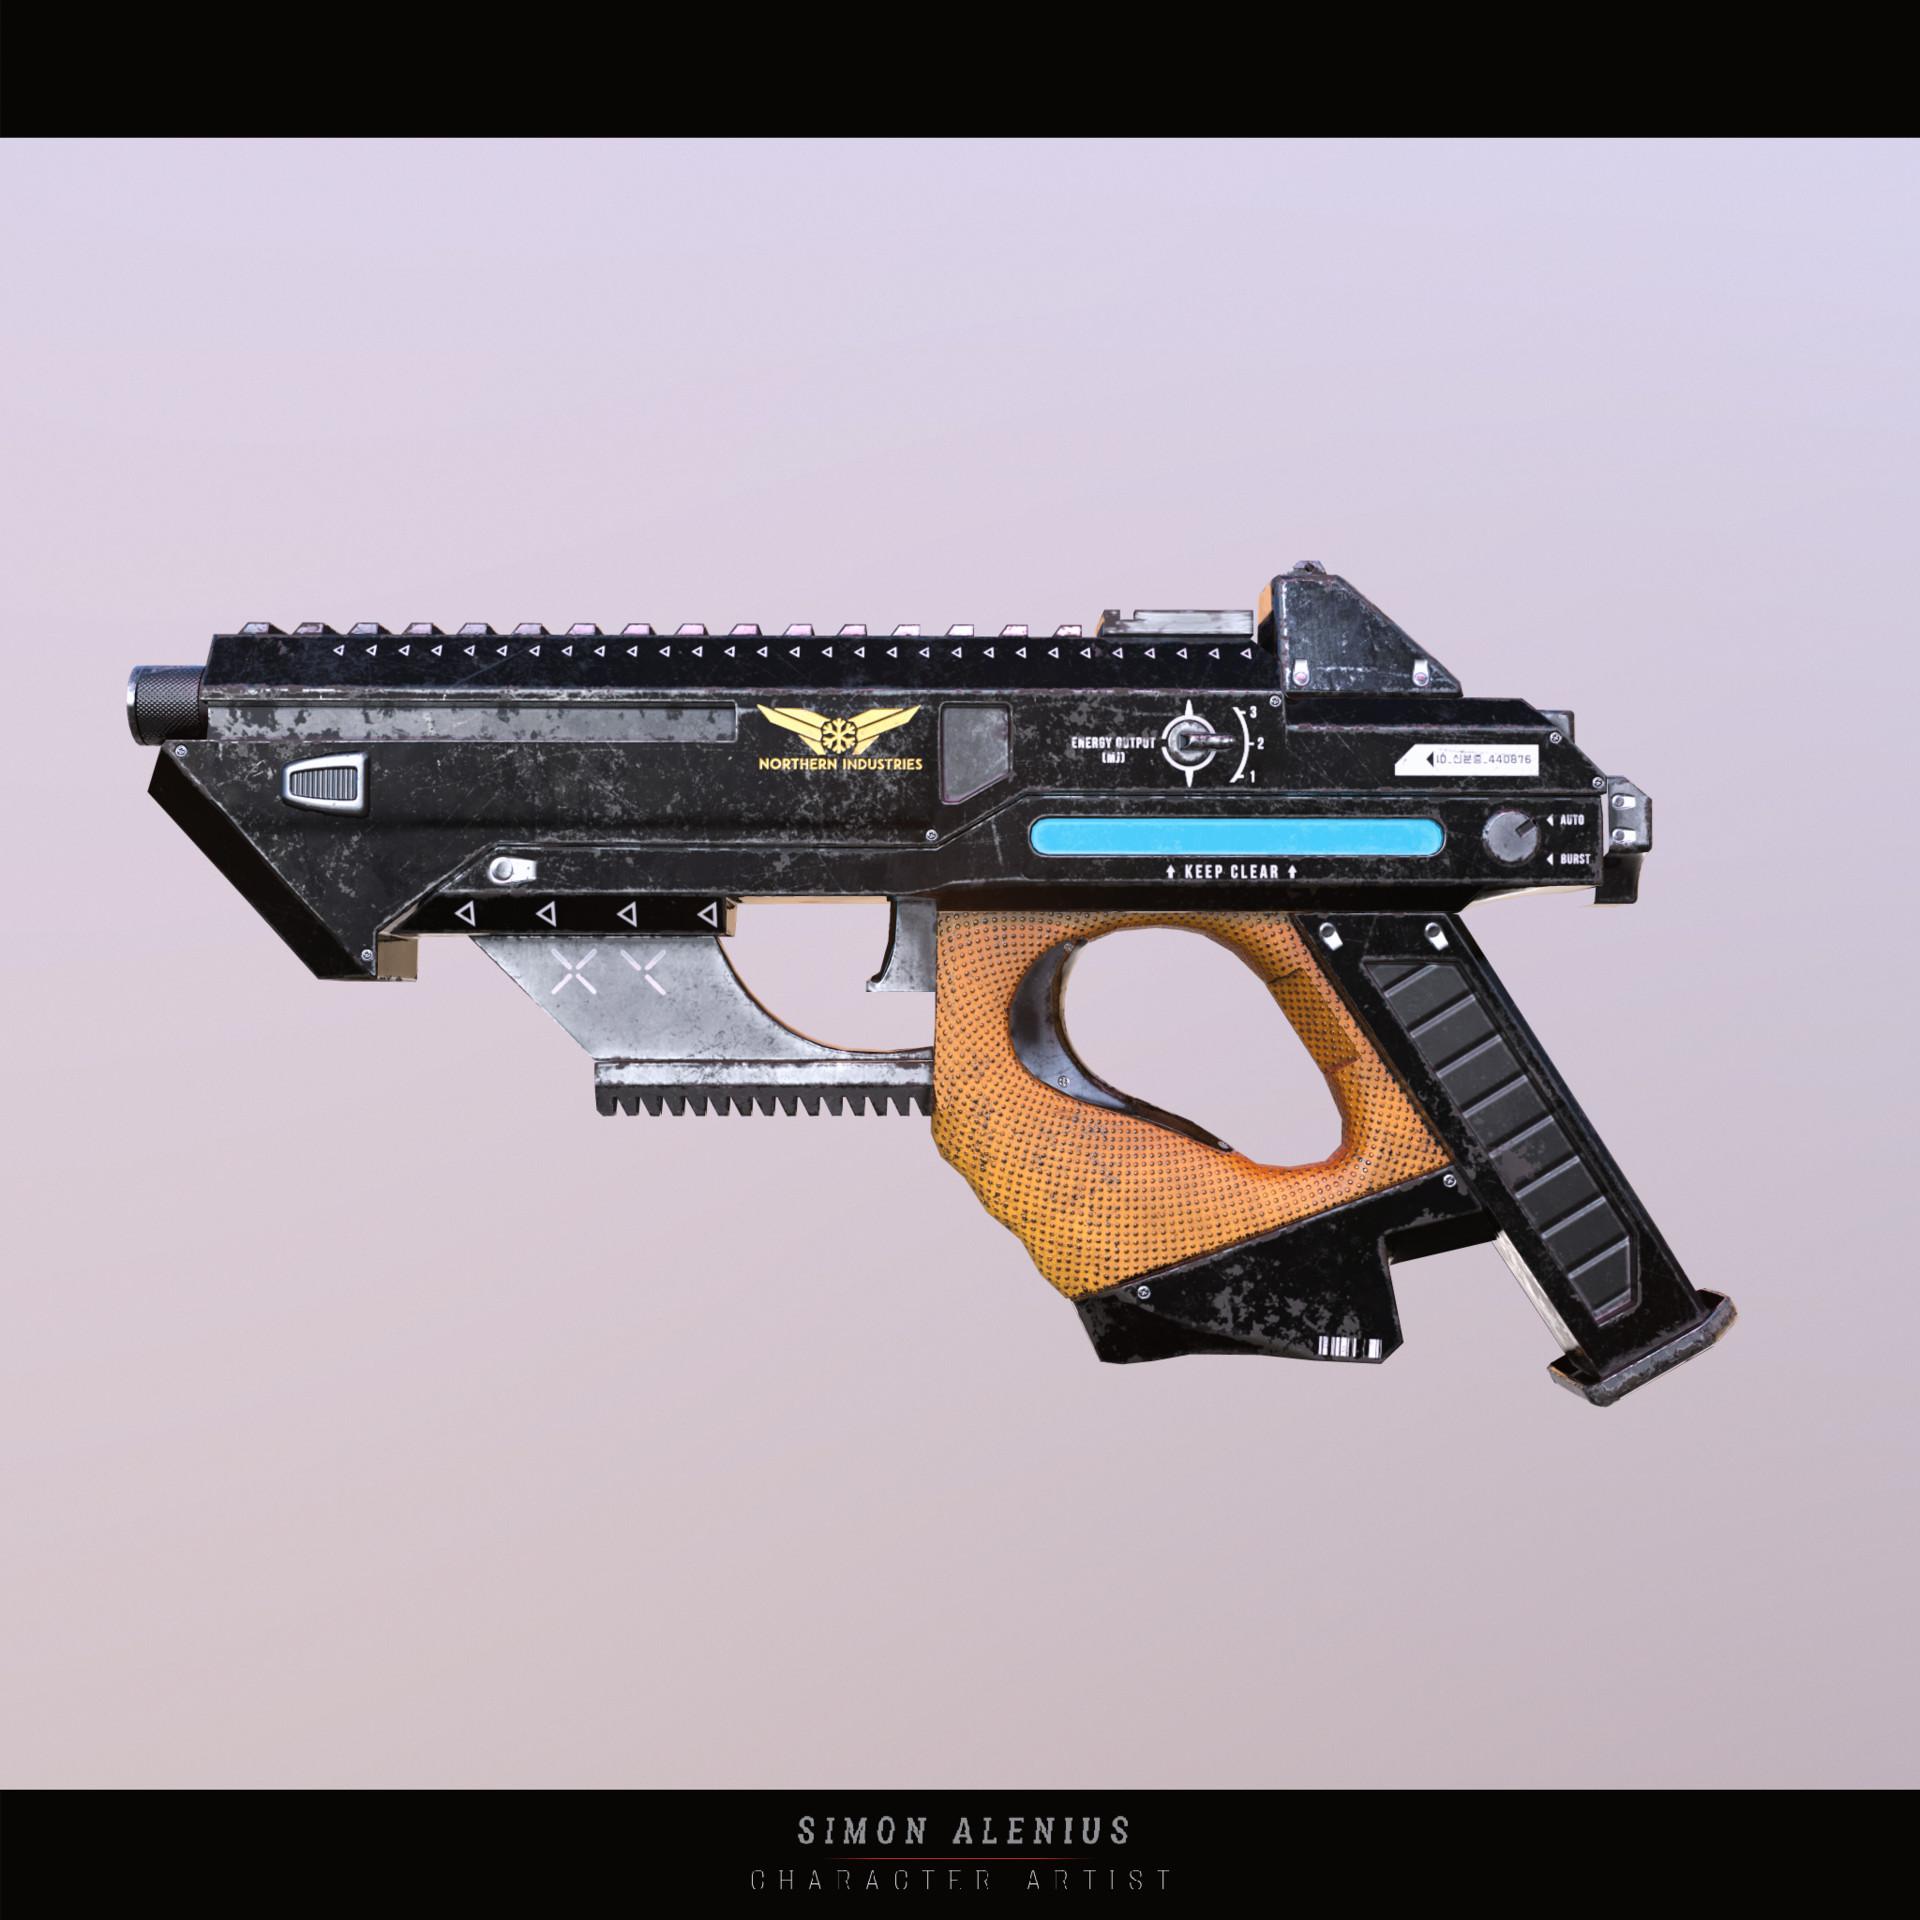 Simon alenius pistol 02